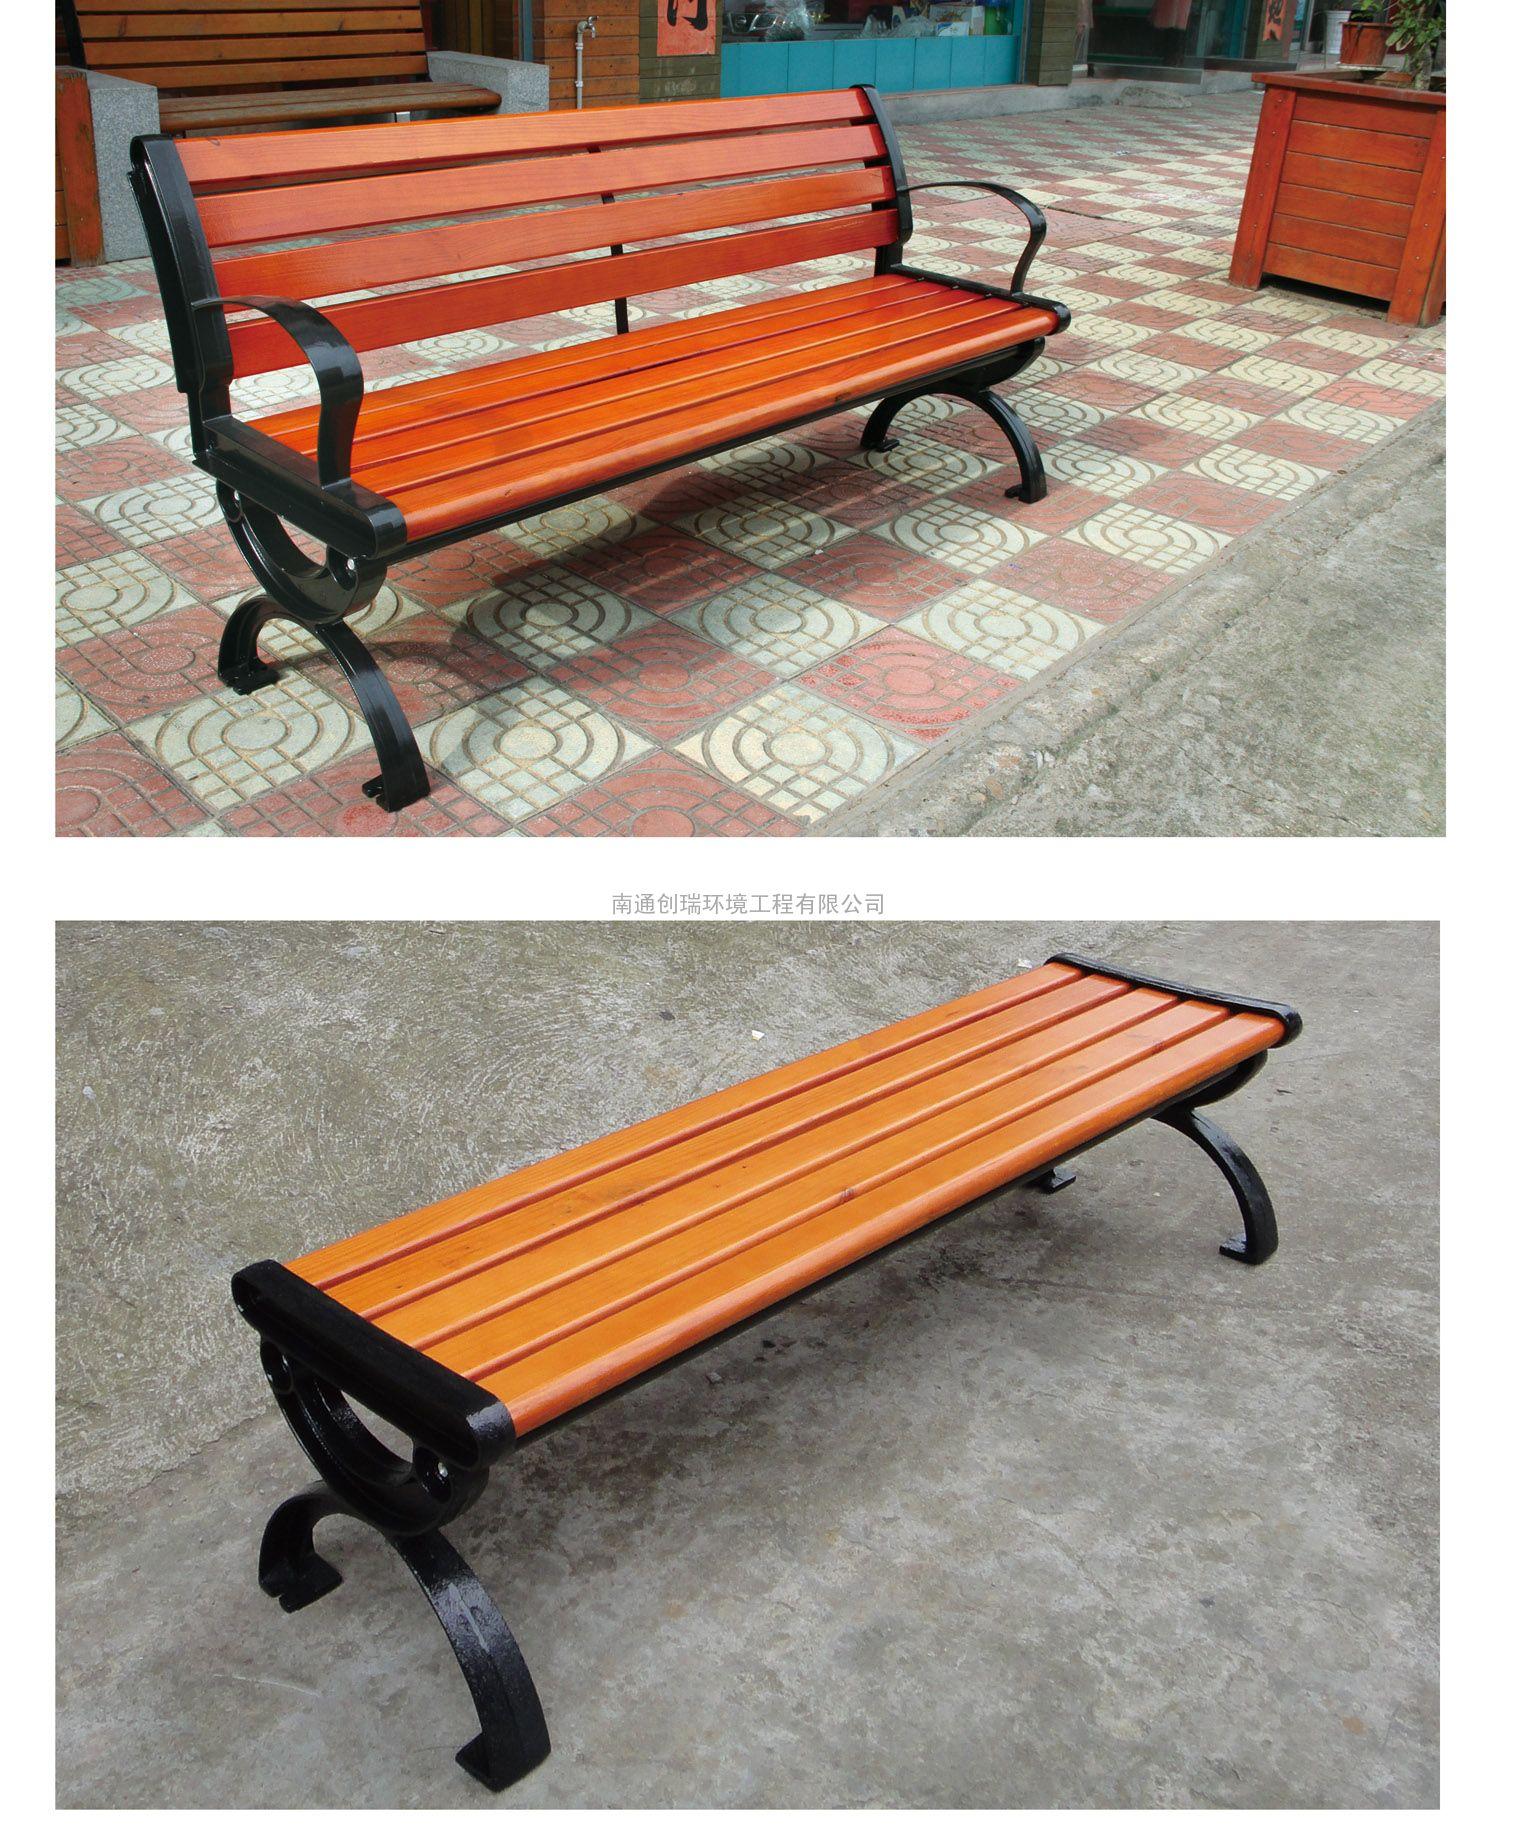 溧阳公园椅-溧阳公园长椅-溧阳户外公园椅